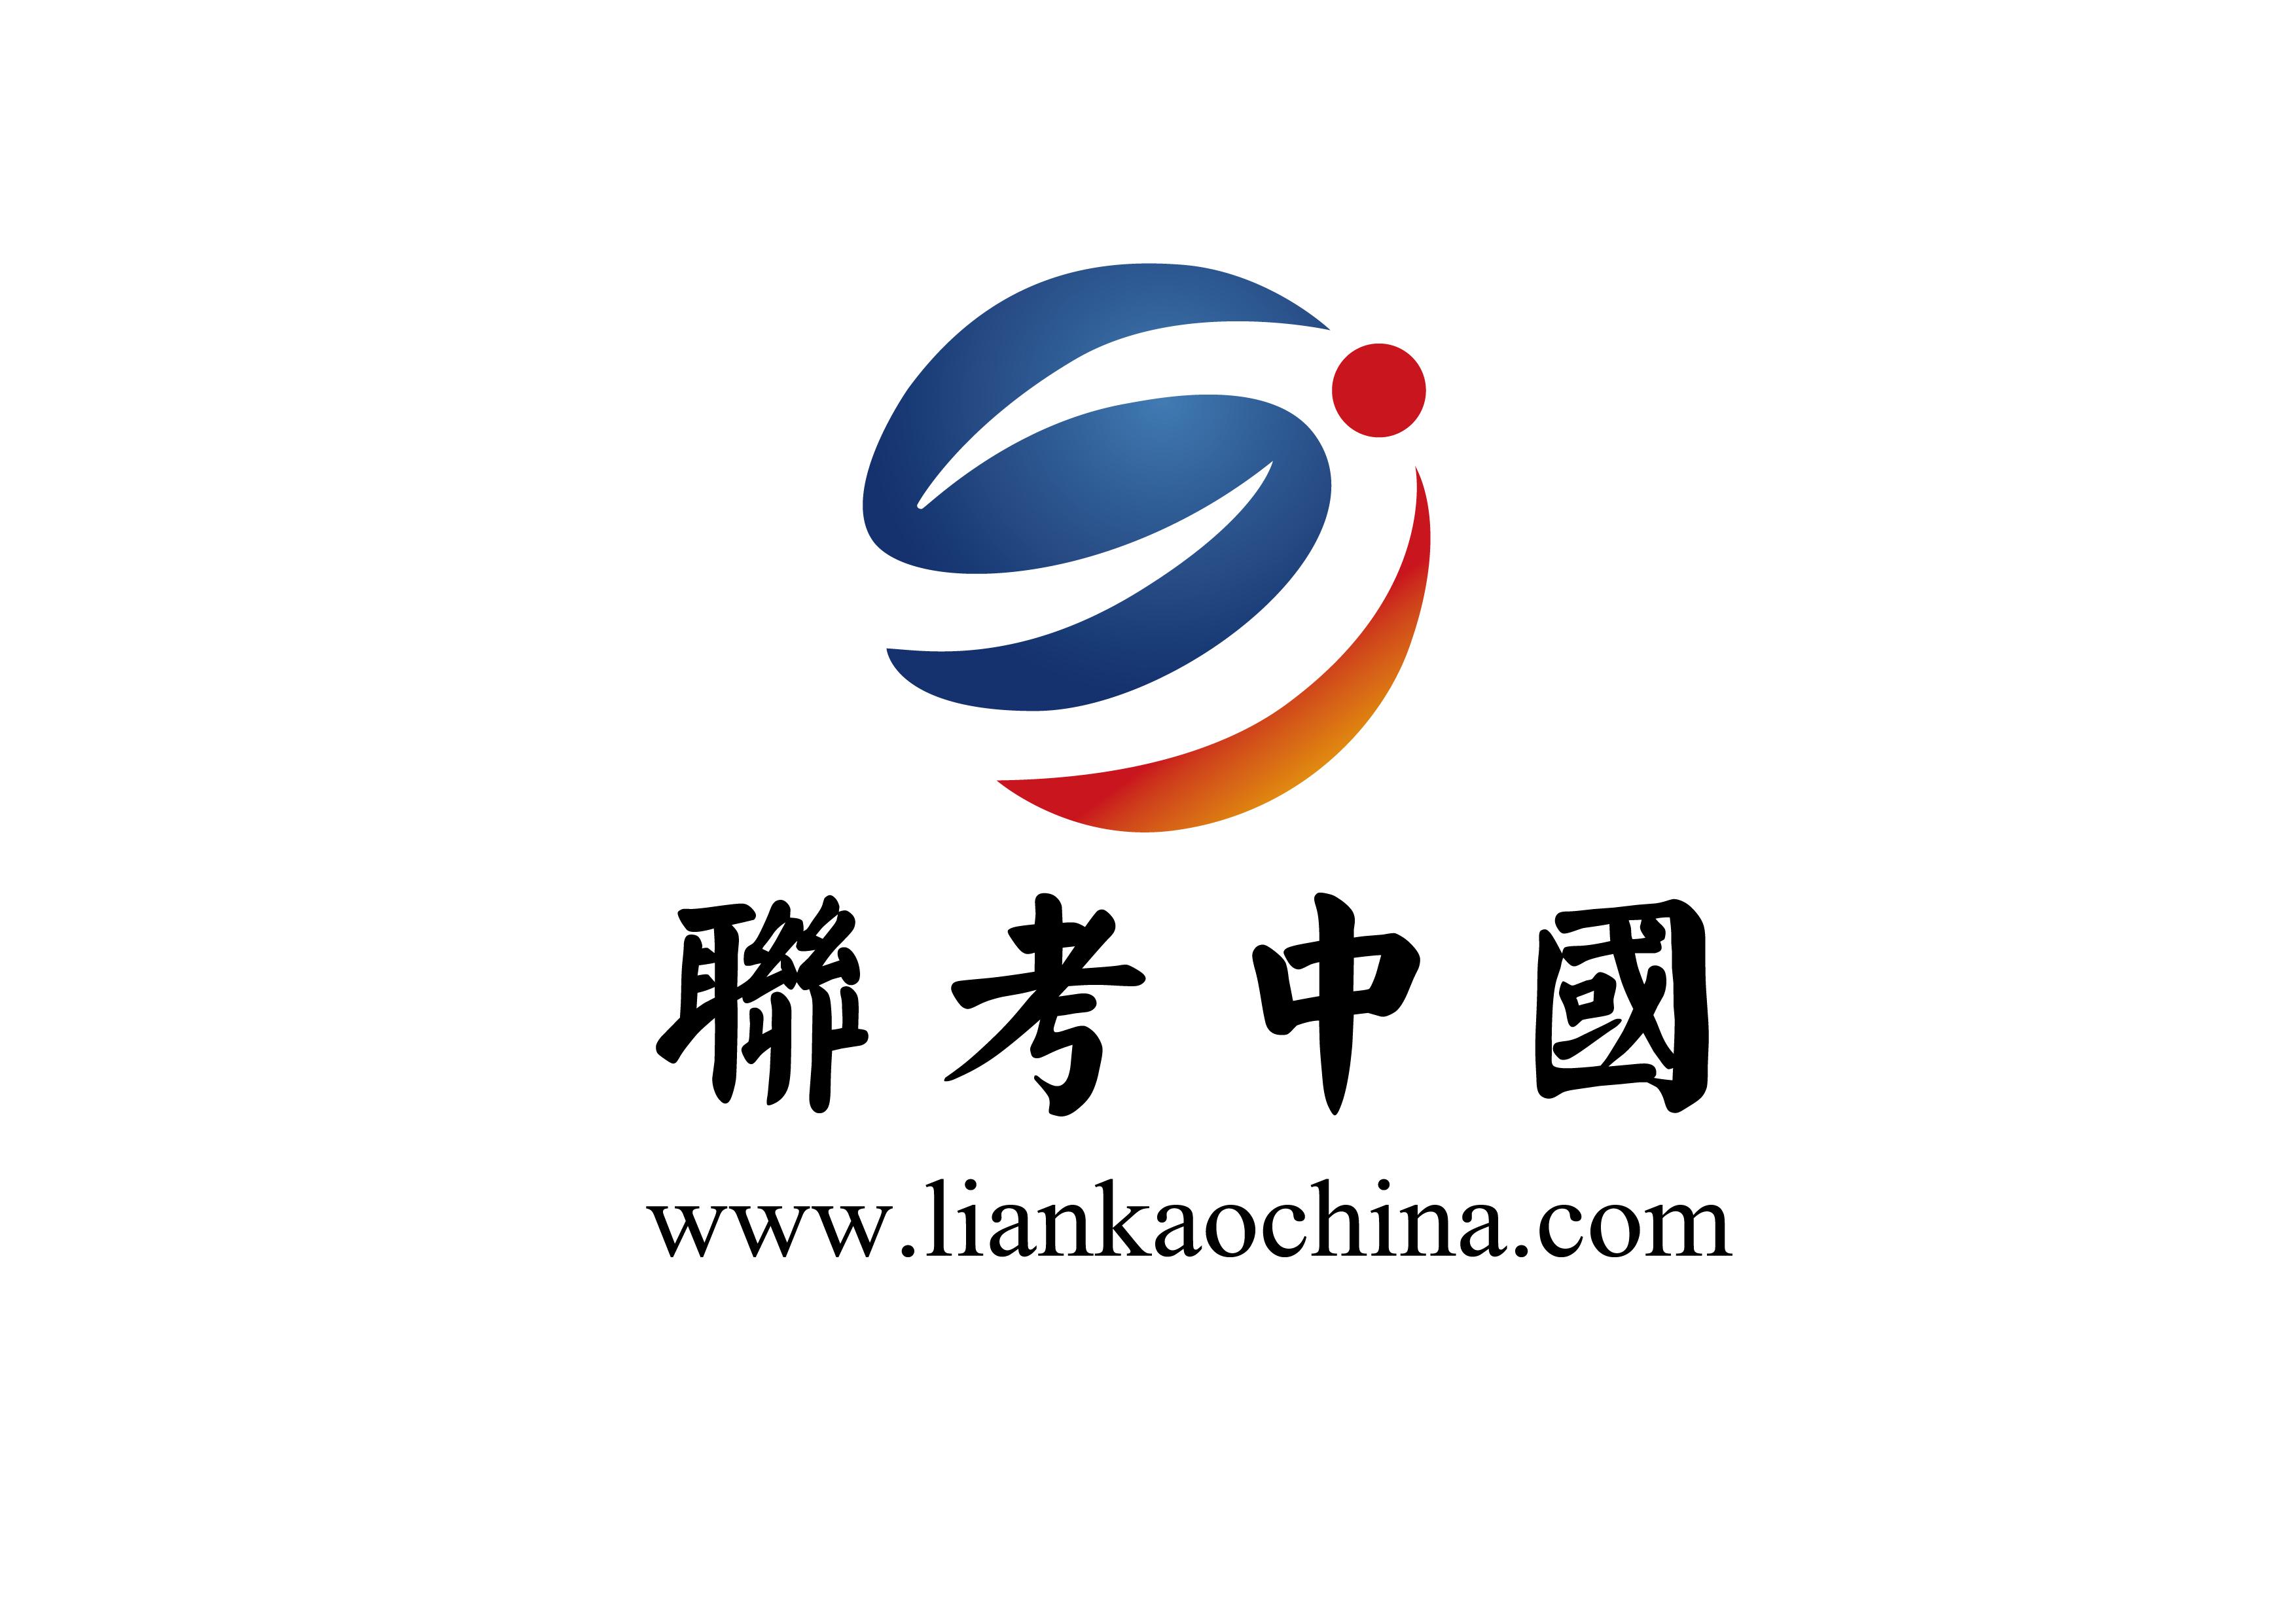 联考中国|2020届港澳台侨联考真题研讨会议